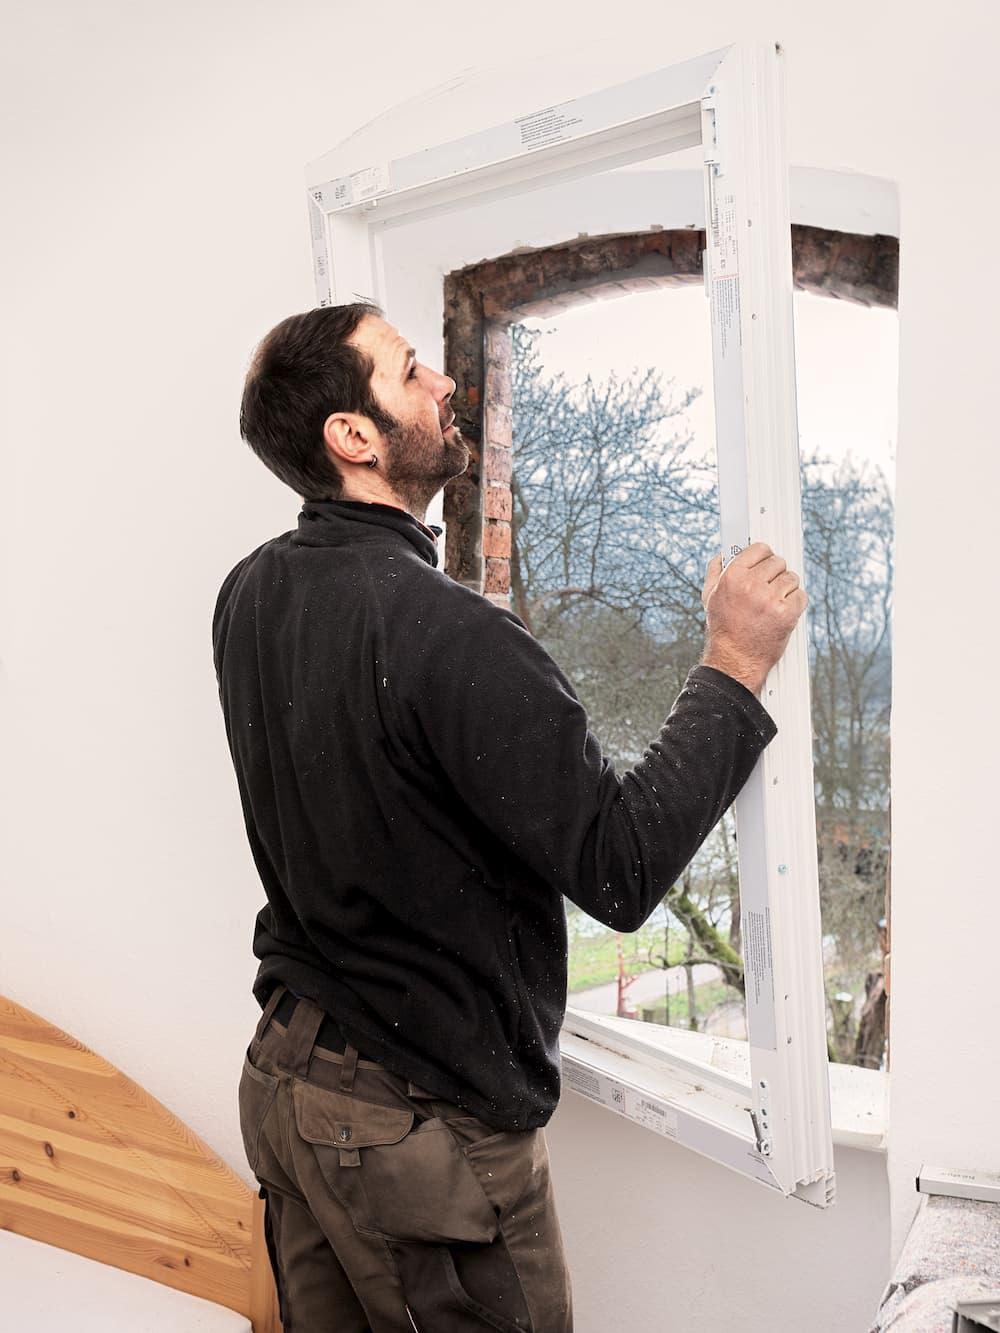 Fenster Blendrahmen montieren © Ingo Bartussek, stock.adobe.com